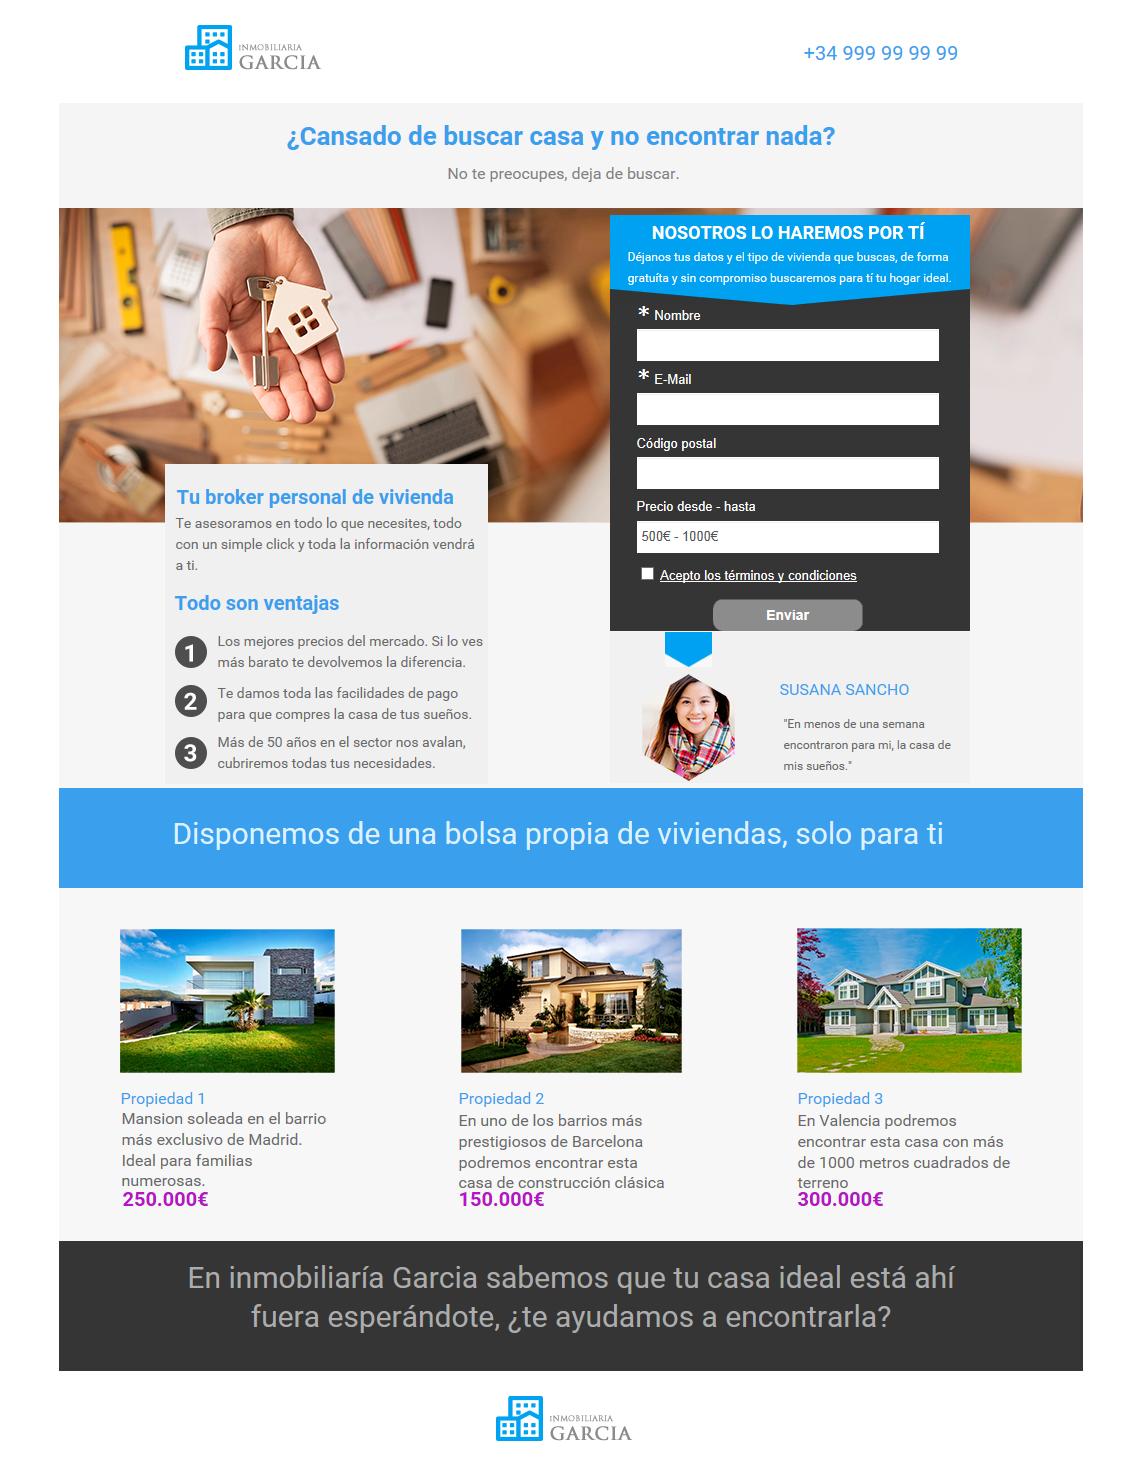 Plantillas gratis para landing pages en MDirector